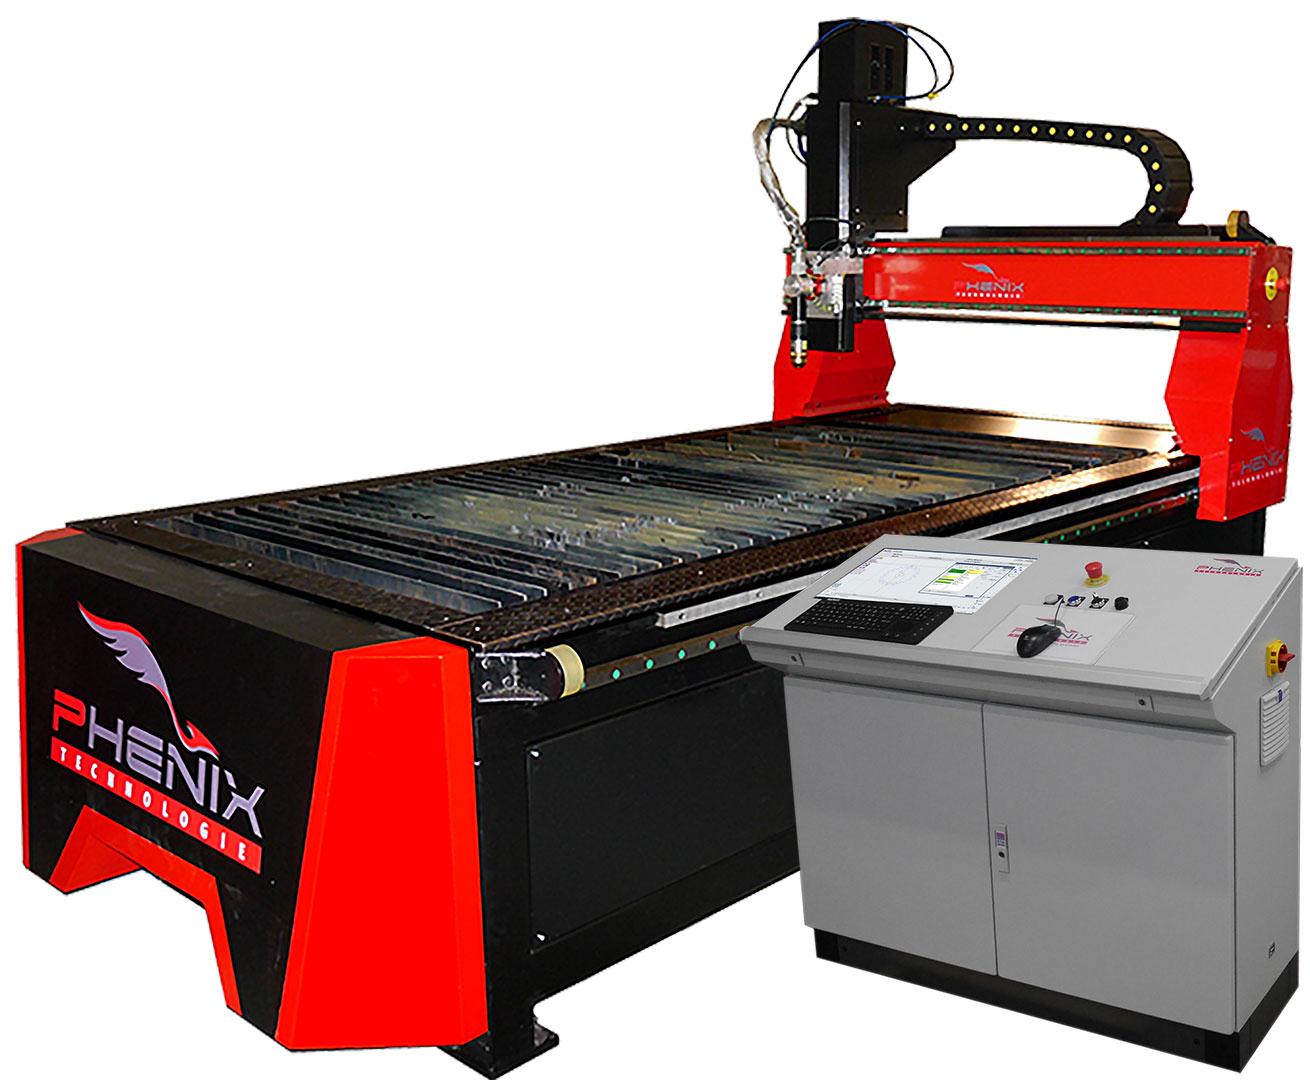 md cut 2017CNC - MD Cut Plasma cutting machine